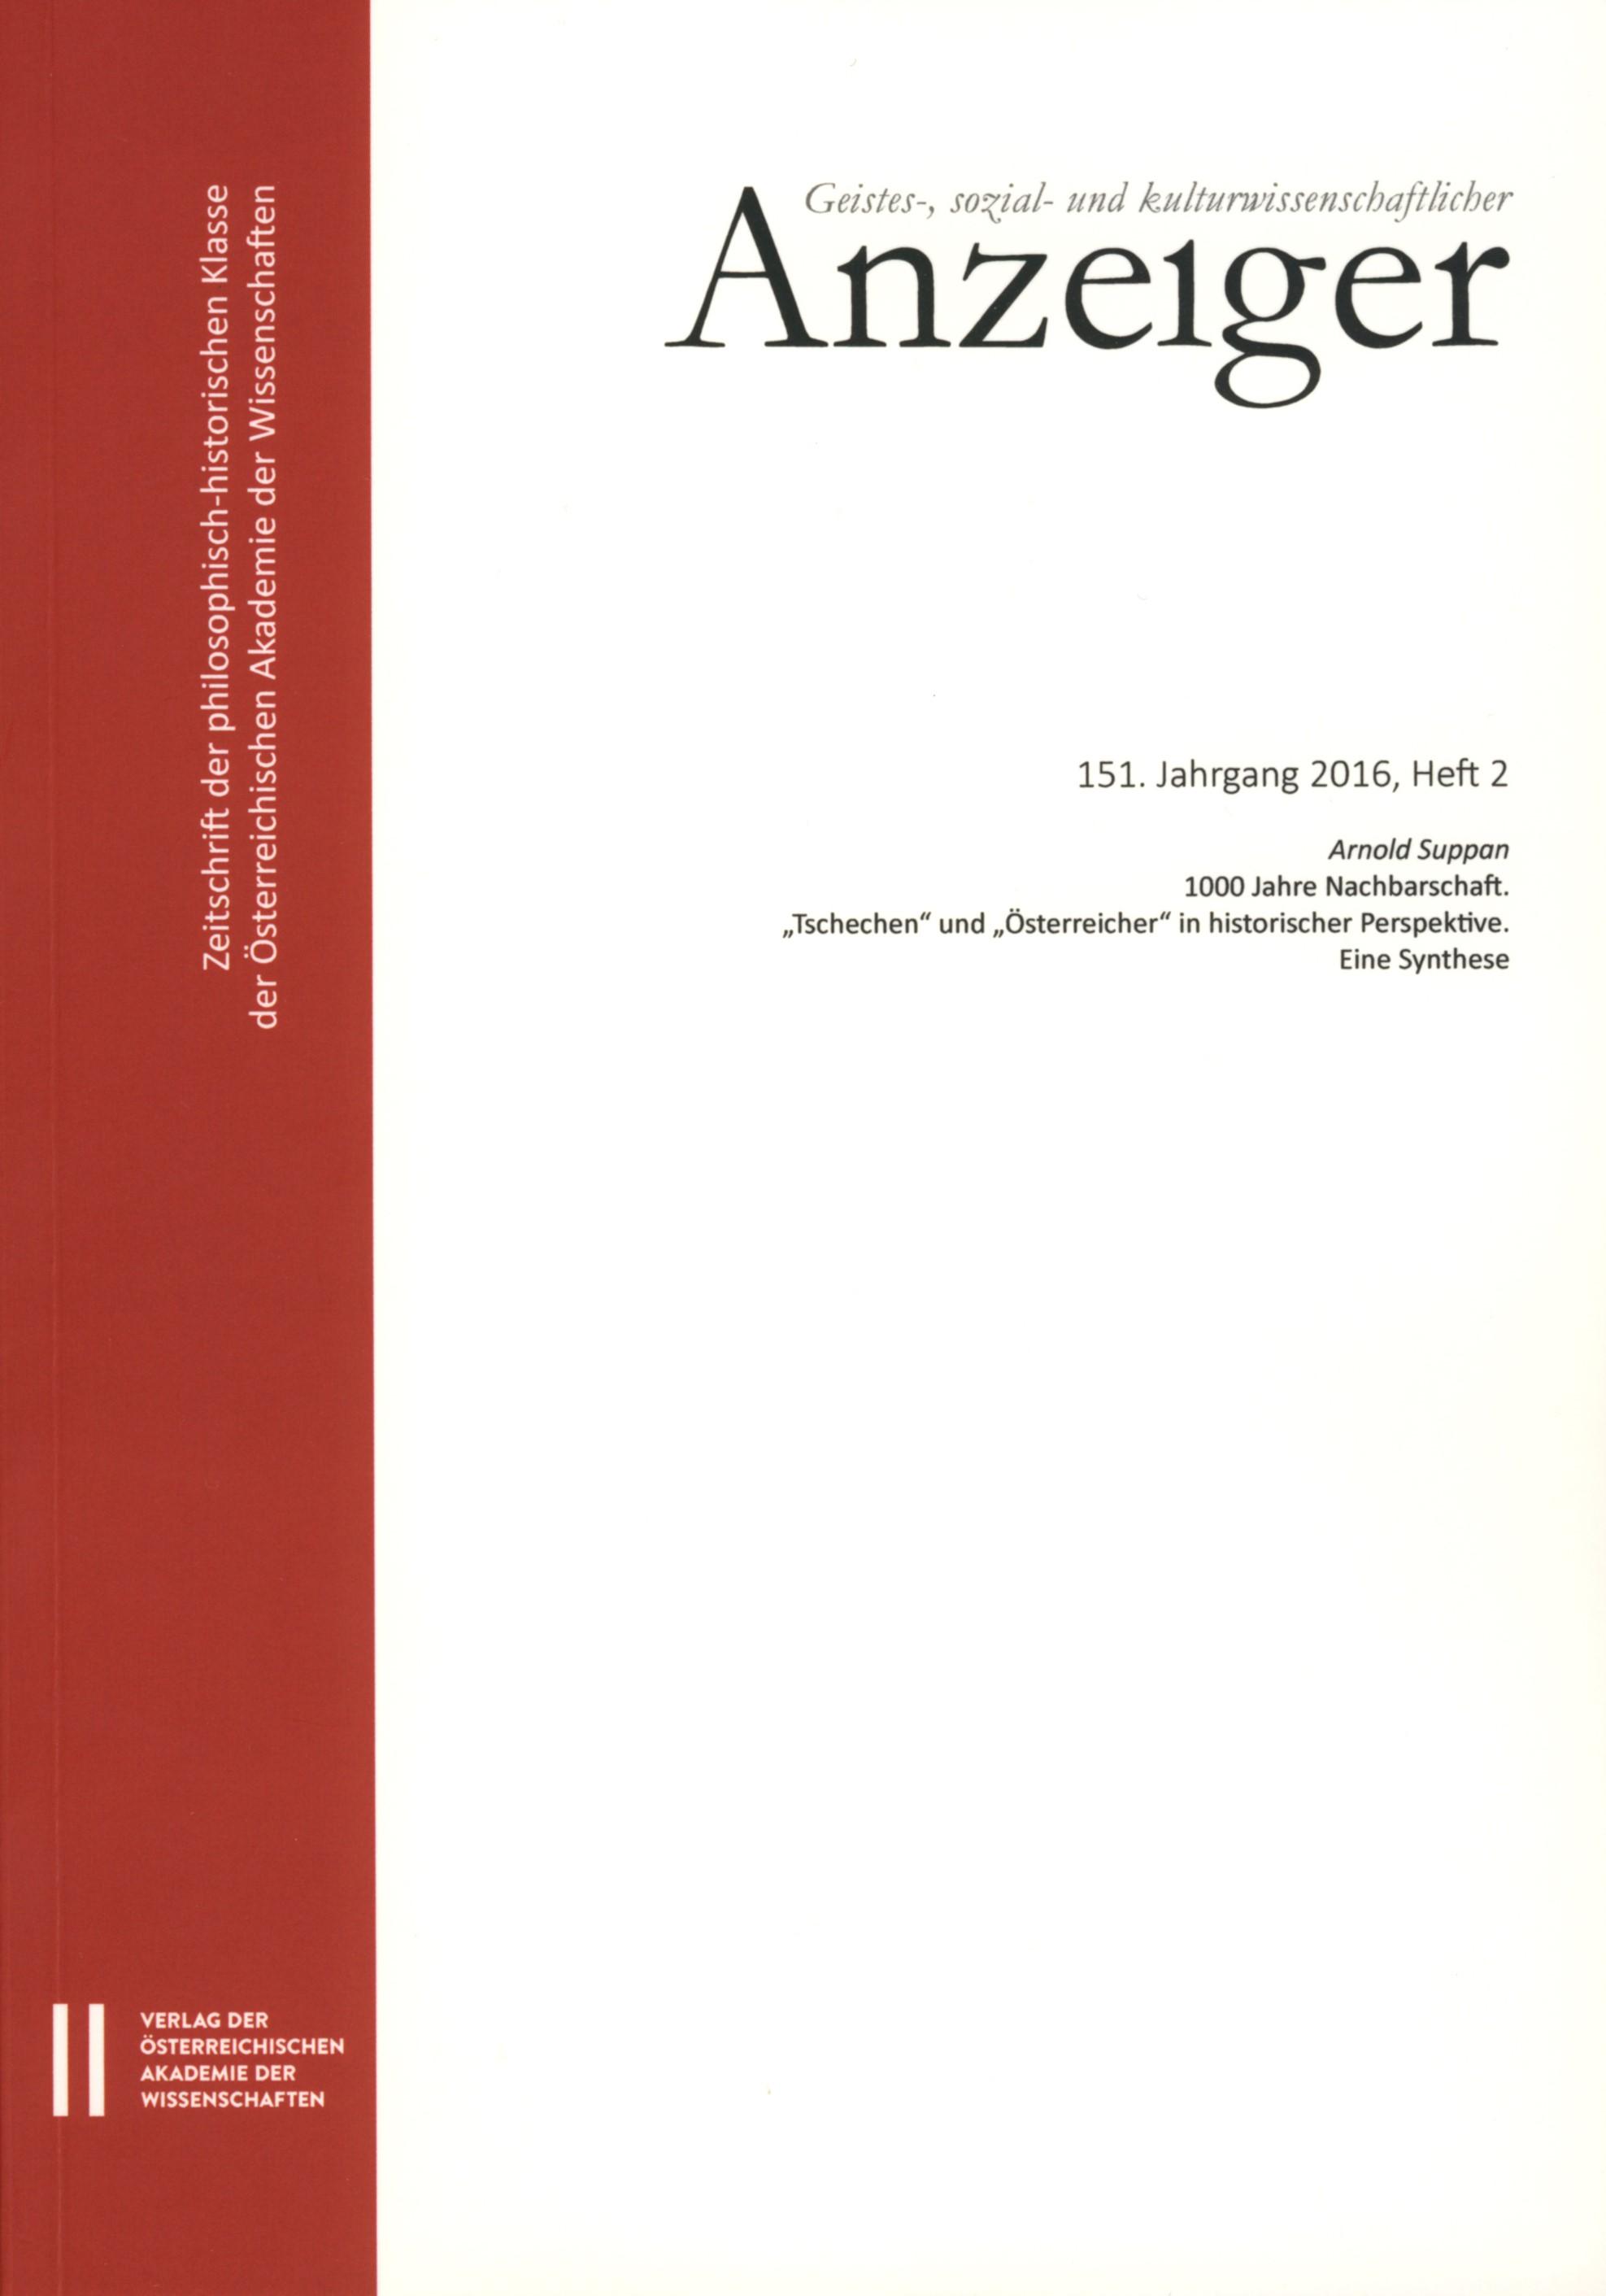 Geistes-, sozial-und kulturwissenschaftlicher Anzeiger 151. Jahrgang 2016, Heft 2 | Österreichische Akademie d. Wissenschaften / Suppan, 2017 | Buch (Cover)